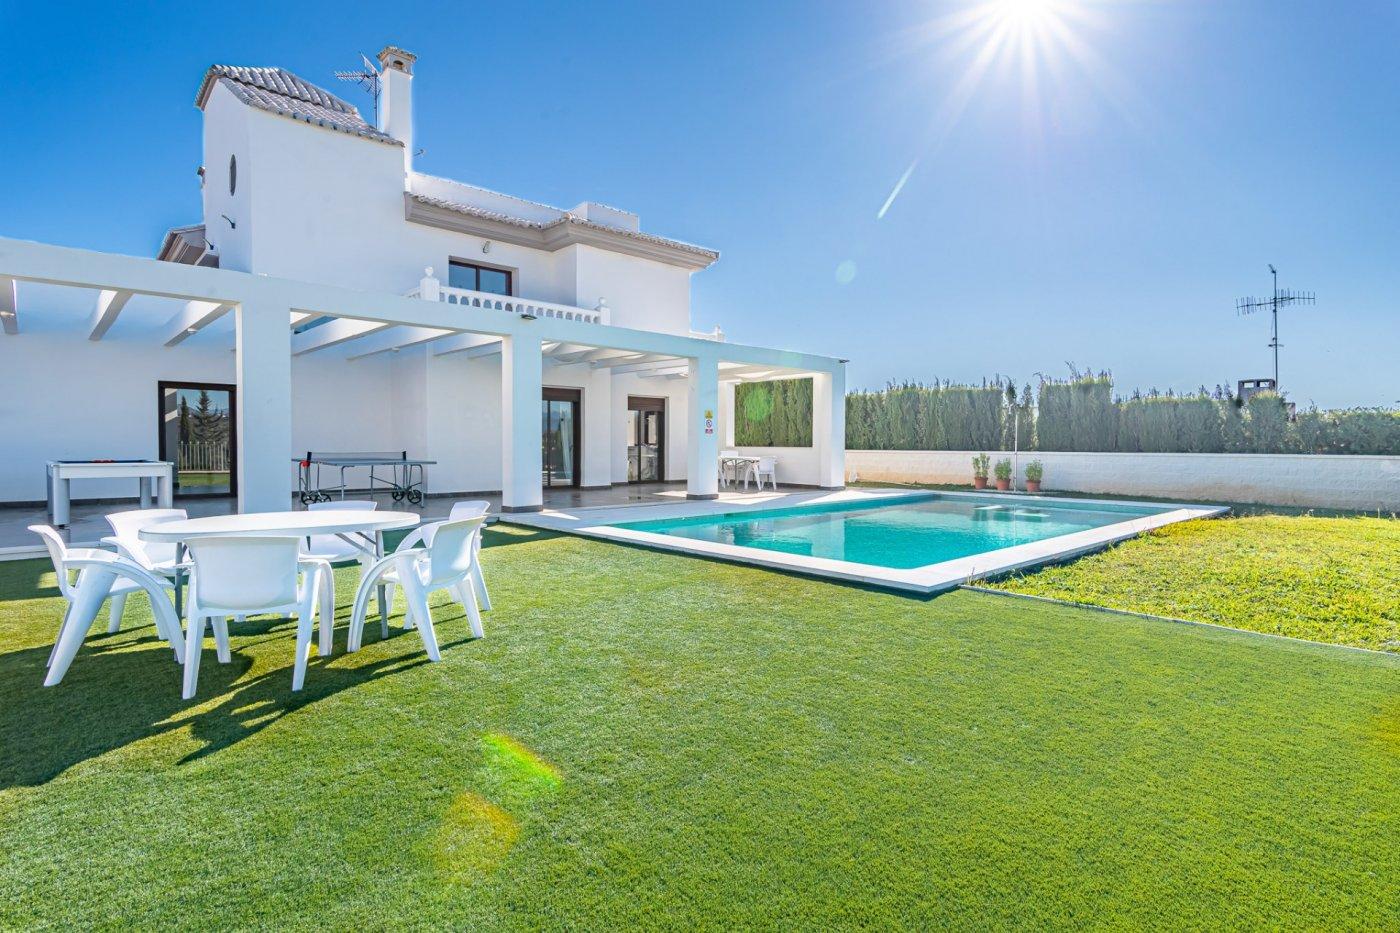 Villa for sale in La sierrezuela, Mijas